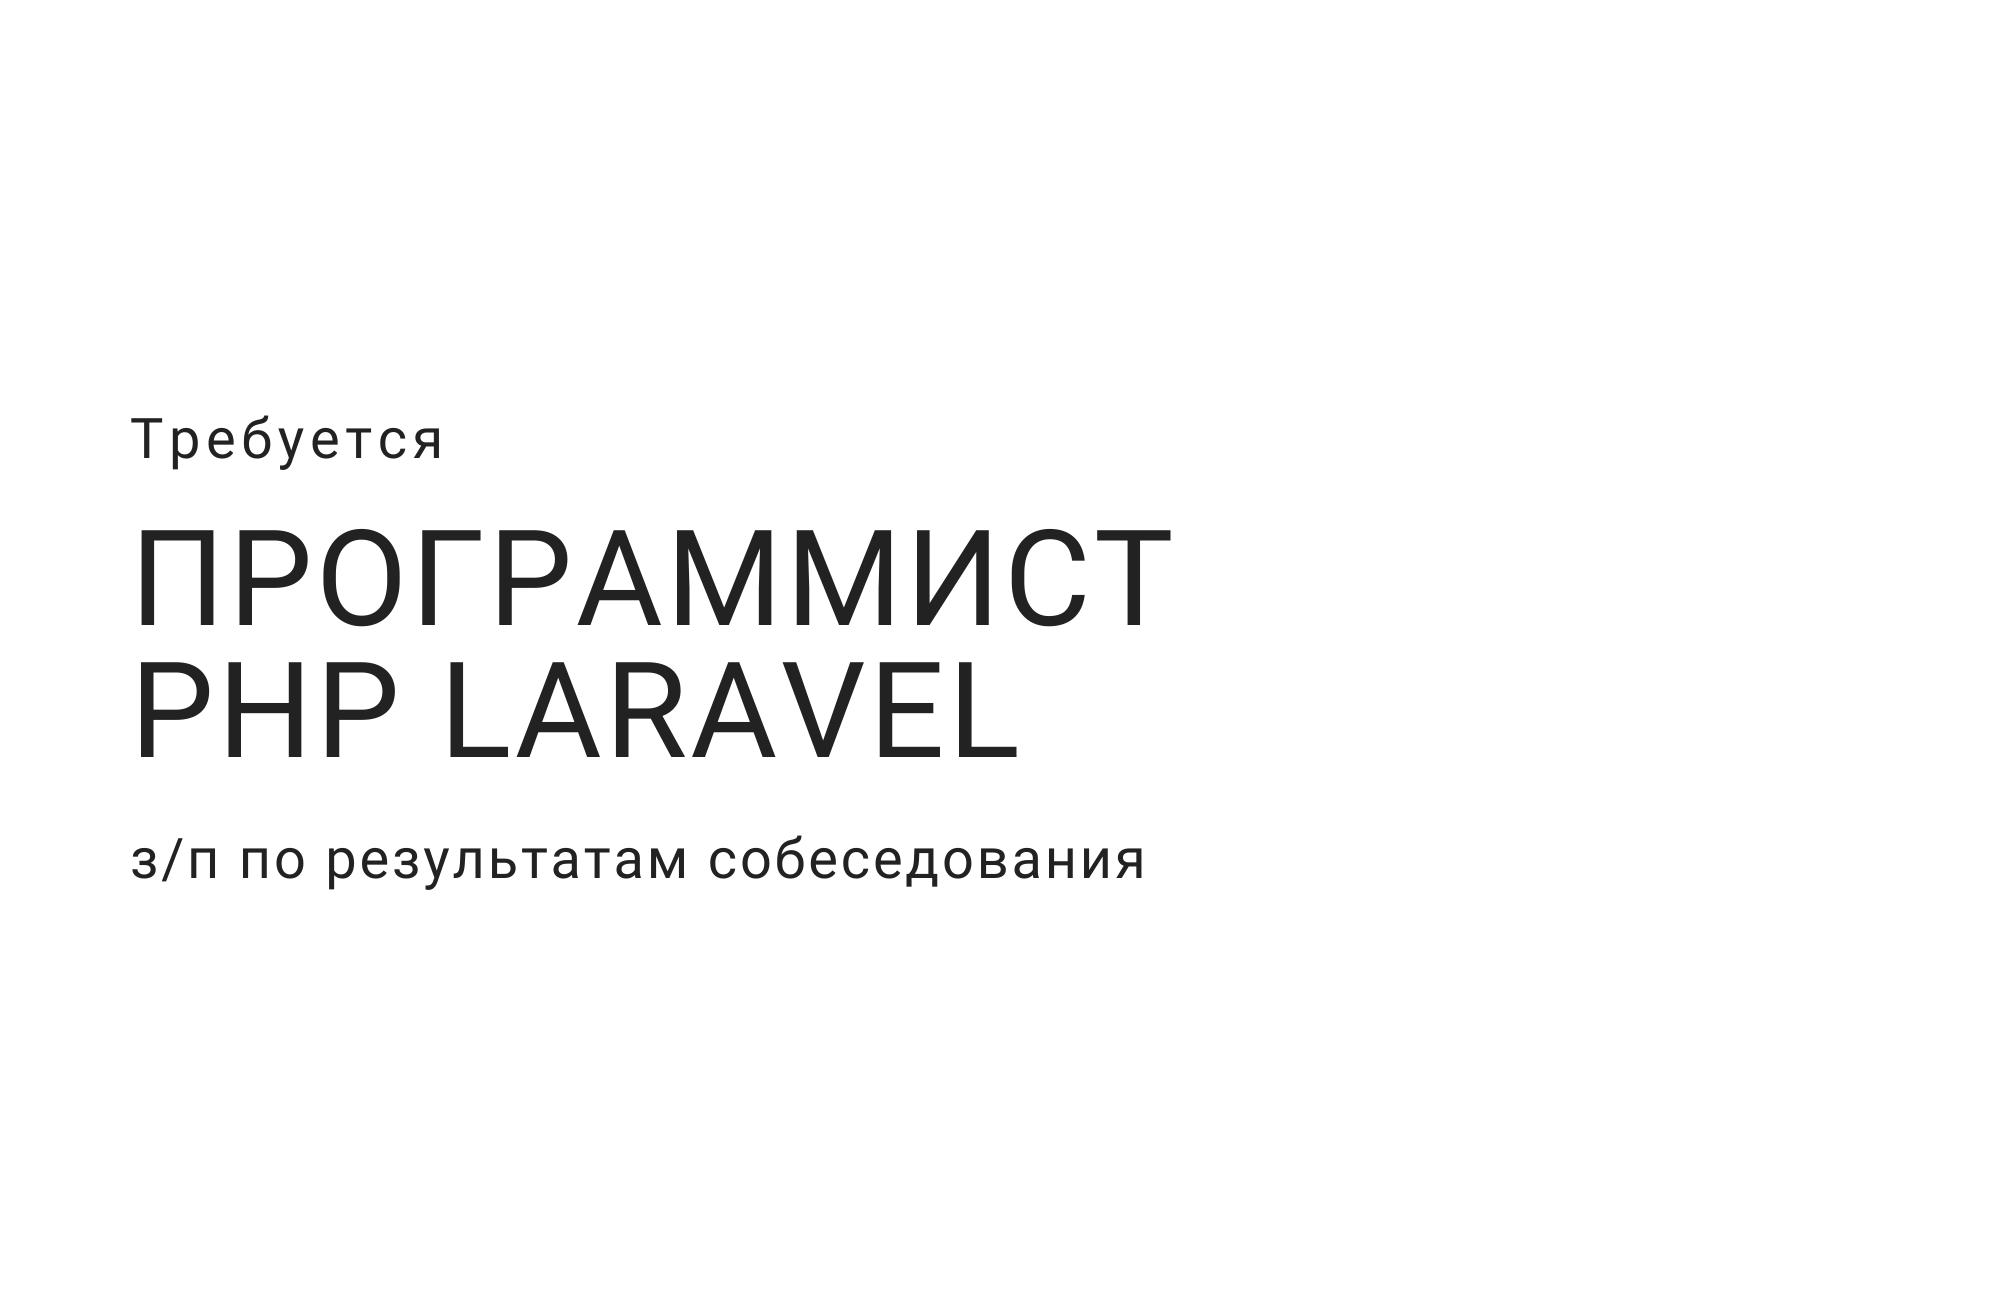 Программист PHP Laravel